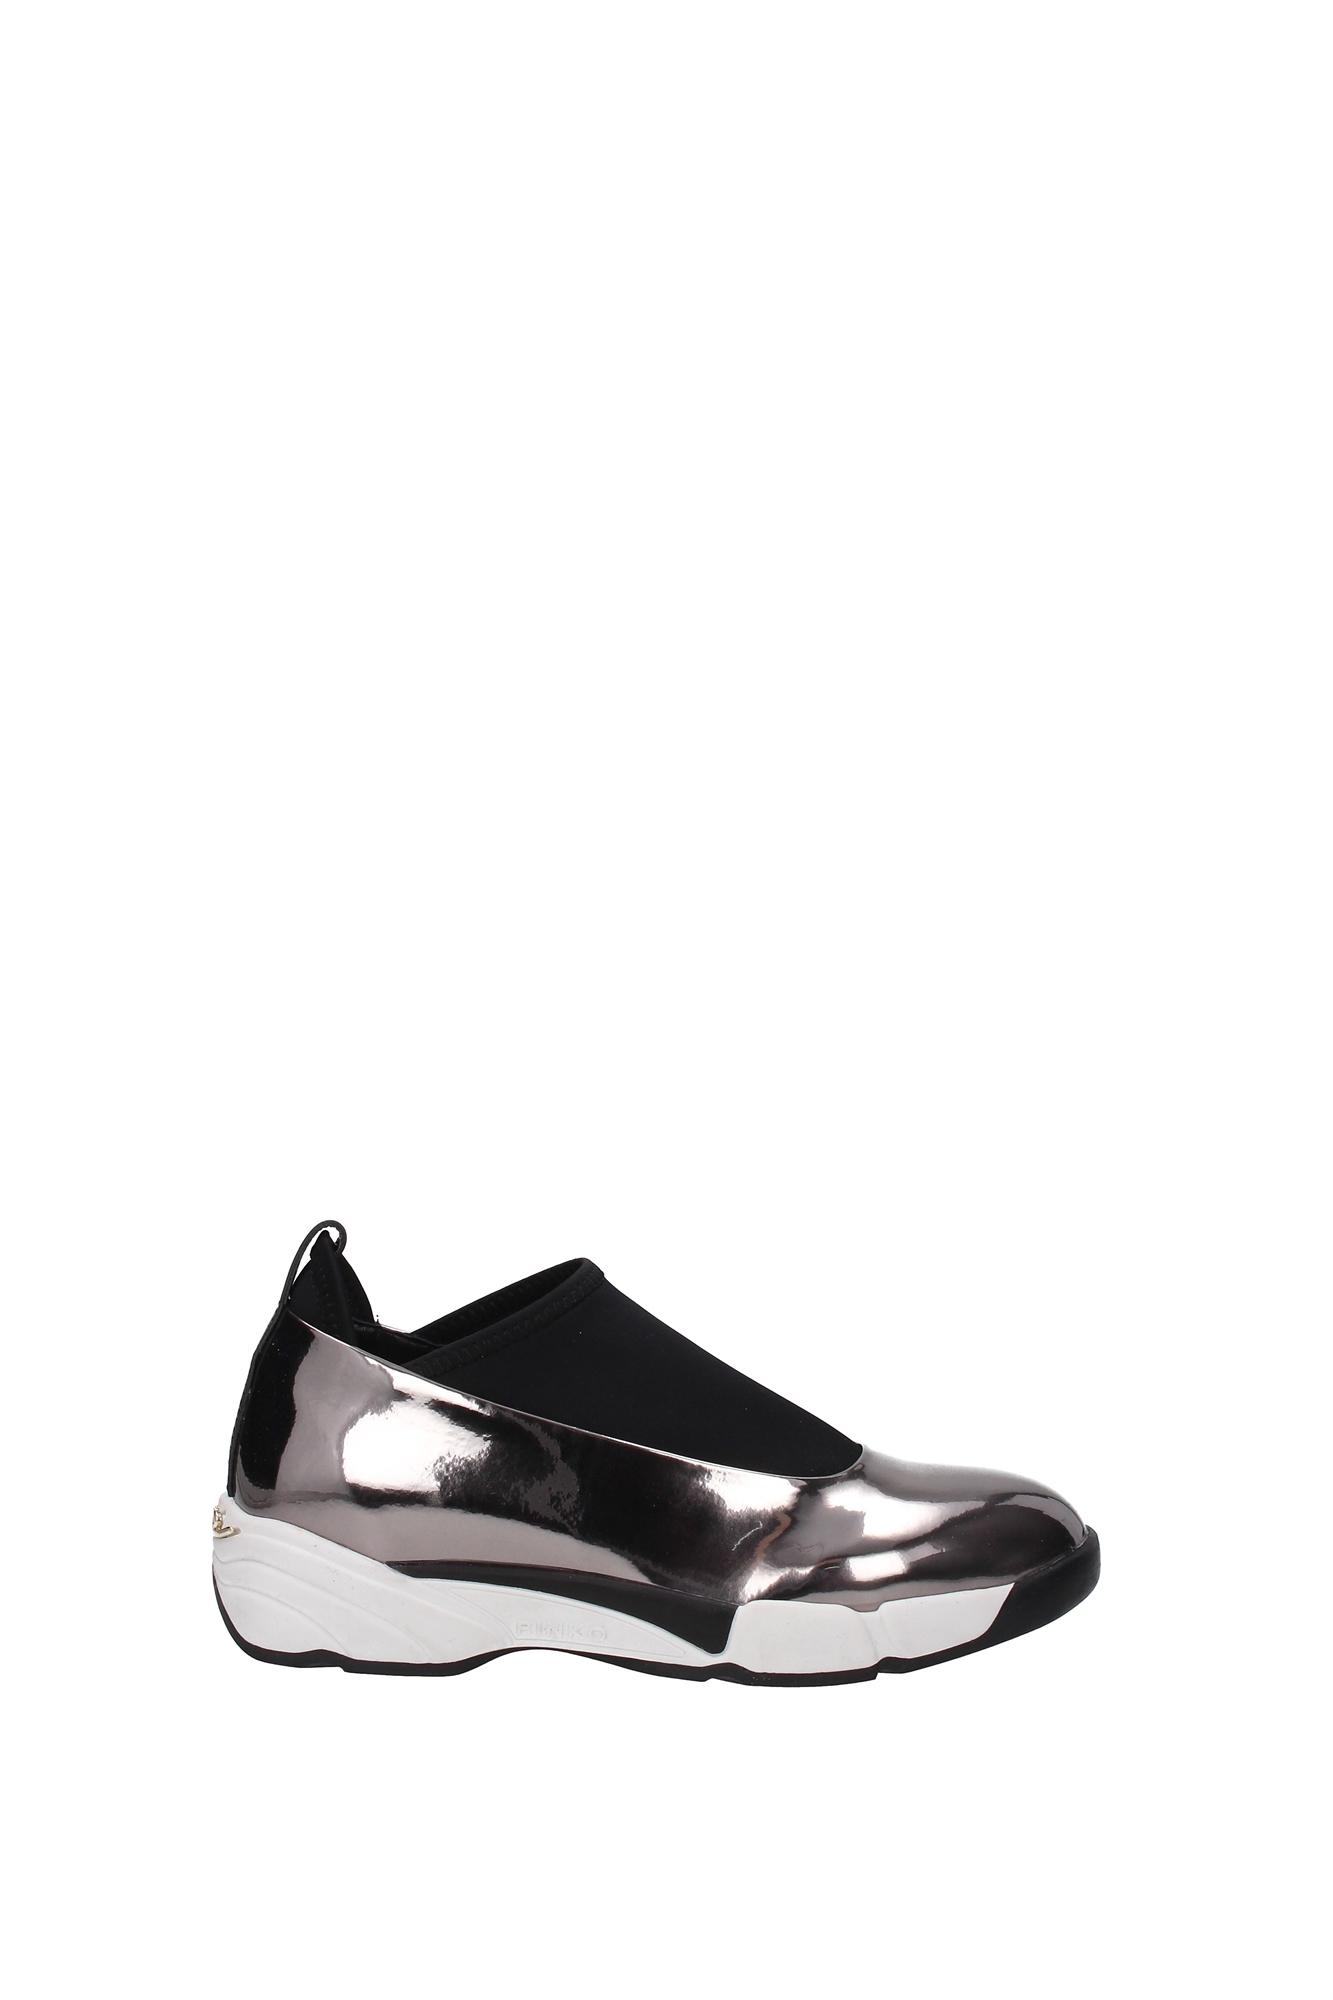 Sneakers (1H208EY2KUI50) Pinko Damen - Stoff (1H208EY2KUI50) Sneakers 0c4975